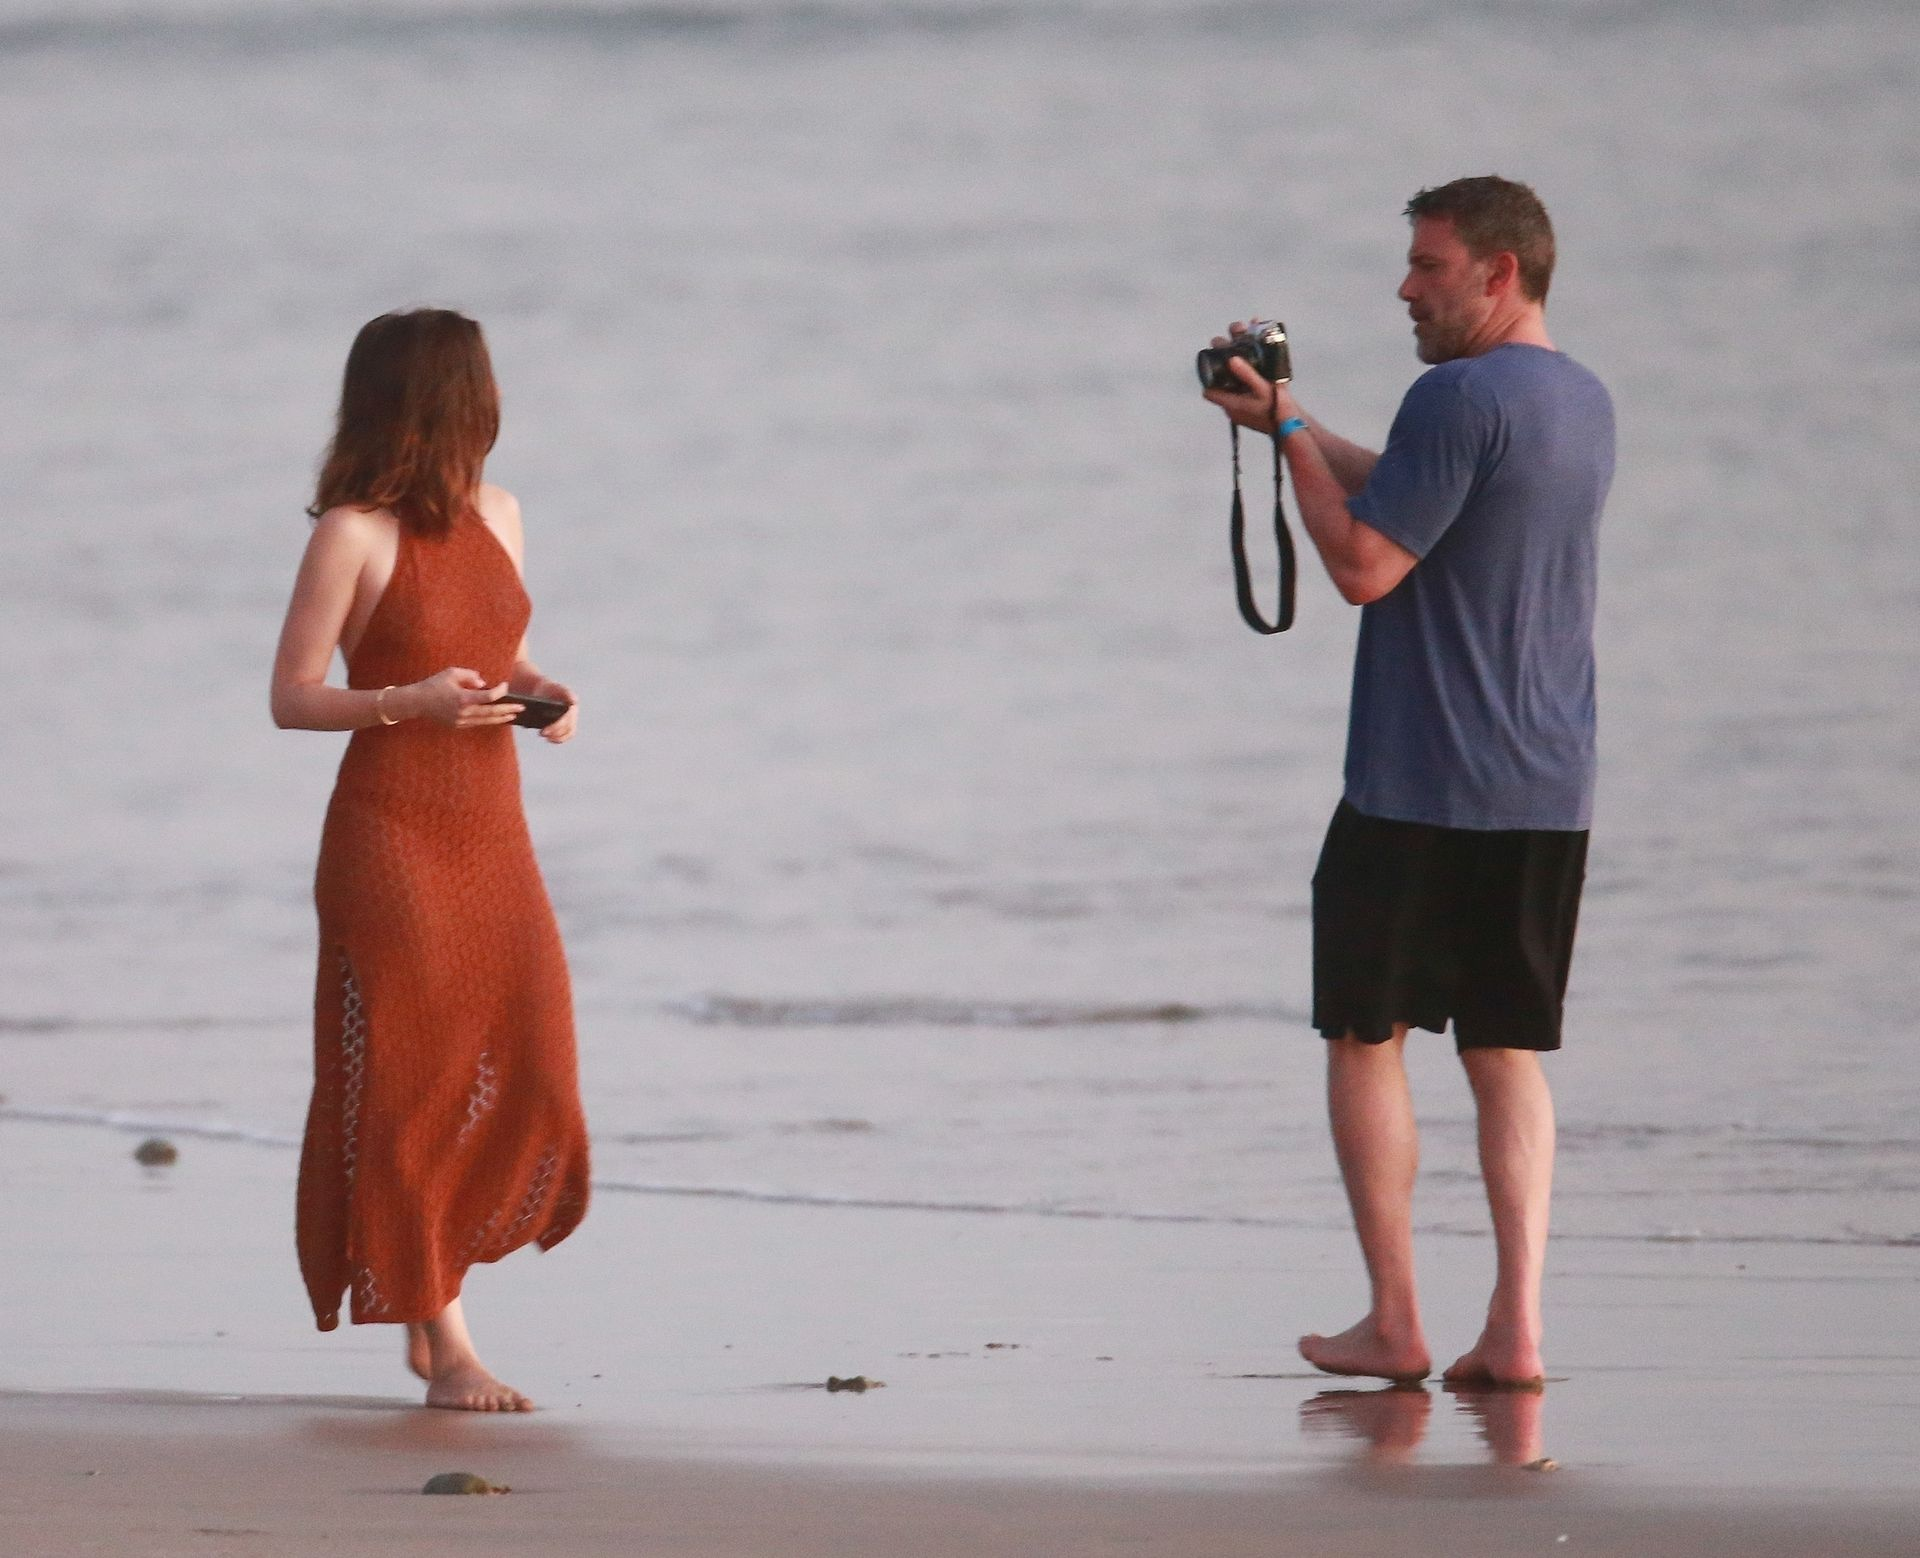 Ben Affleck & Ana De Armas Enjoy A Pda Moment During Romantic Beach Stroll In Costa Rica 0030